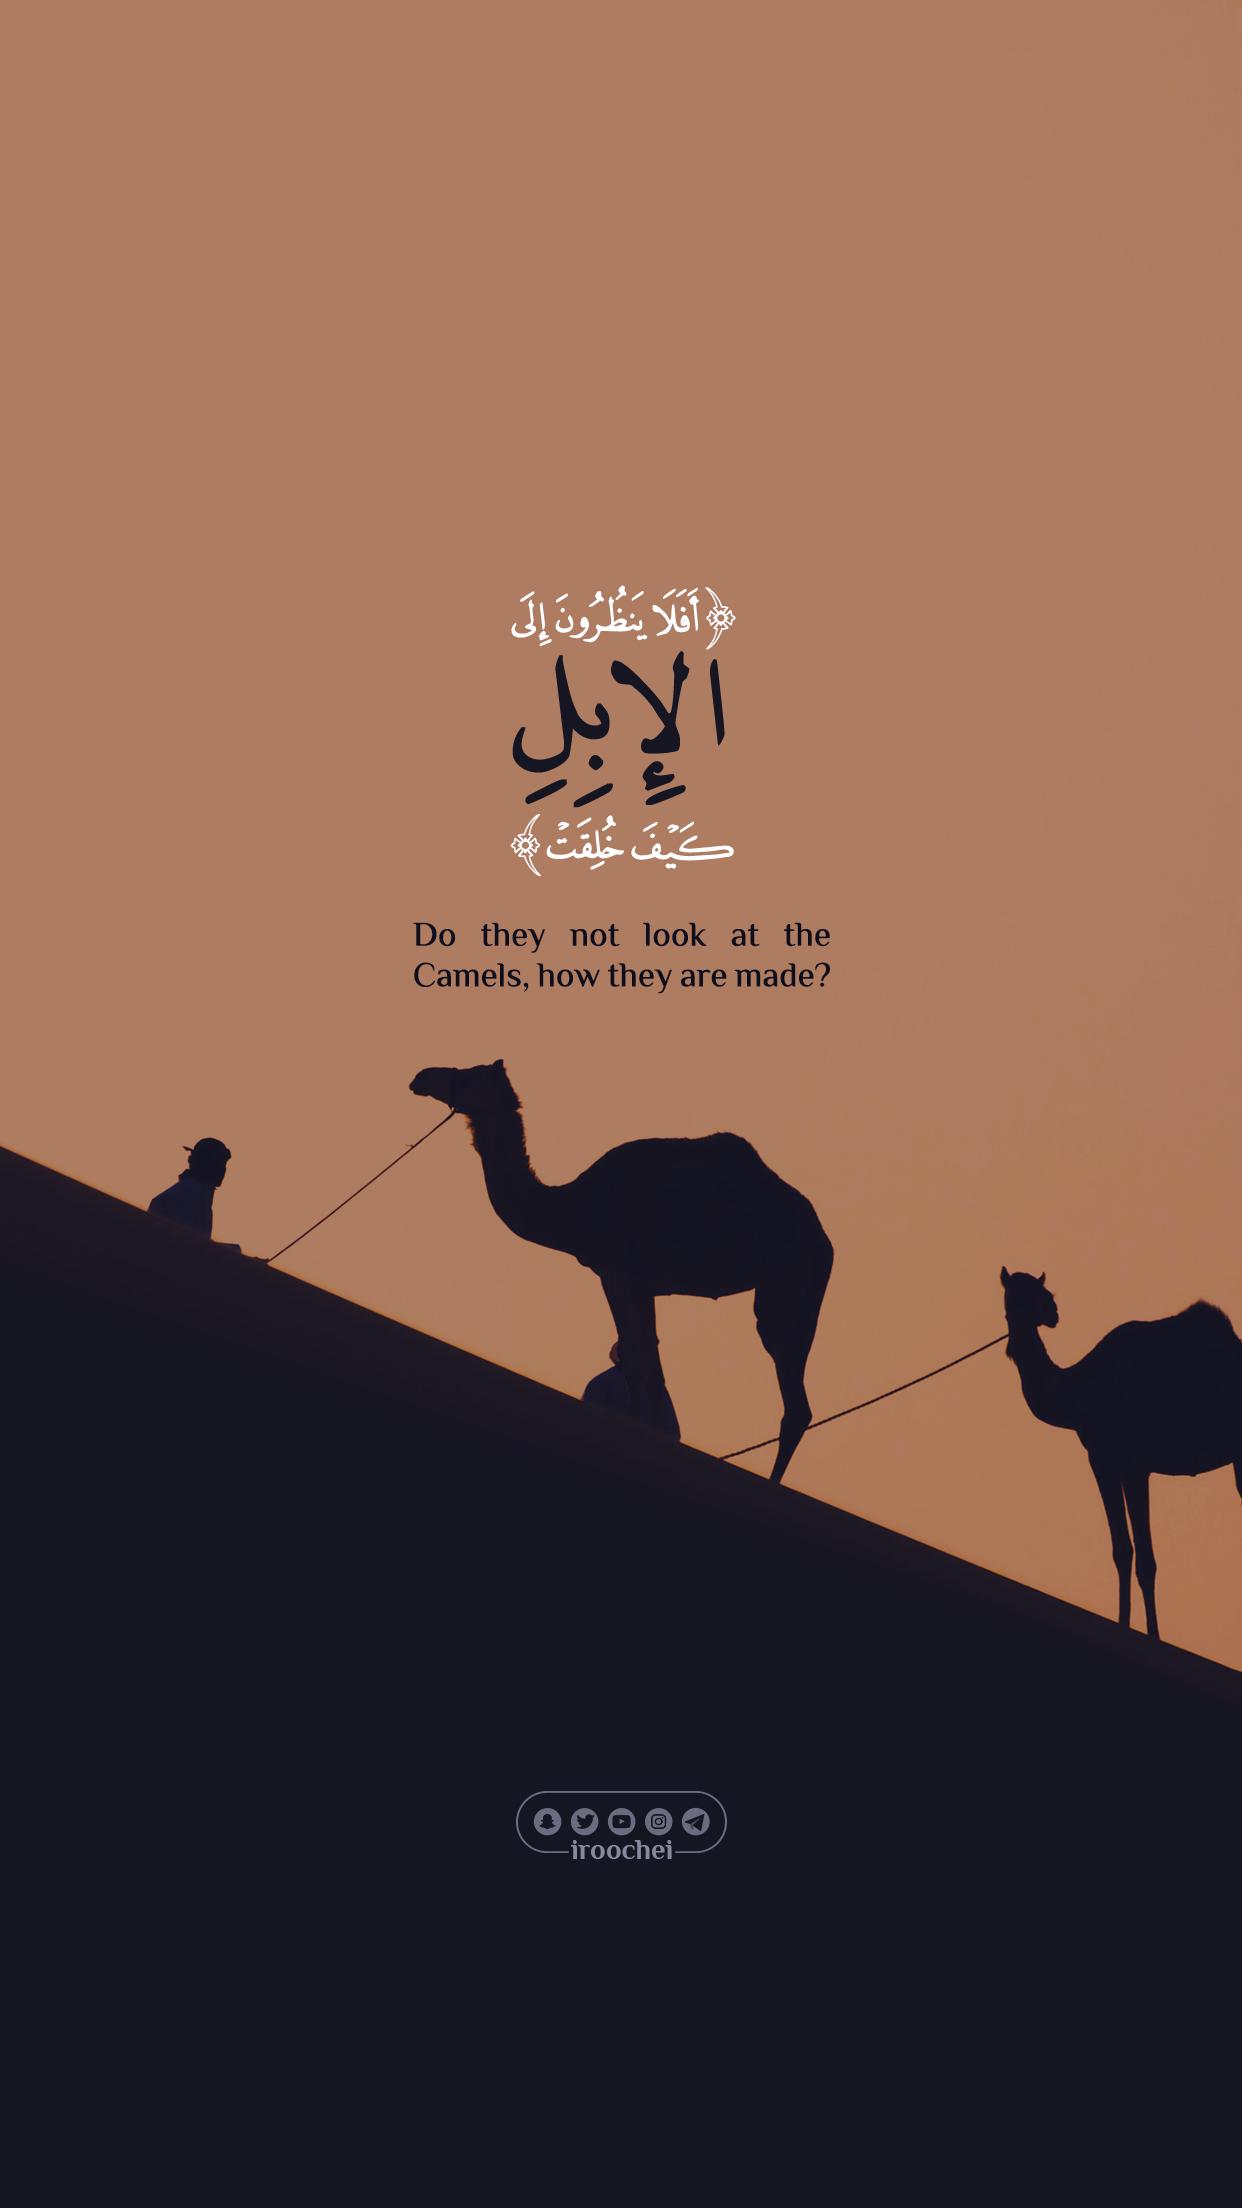 أفلا ينظرون إلى الإبل كيف خلقت Quran Quotes Love Quran Quotes Inspirational Beautiful Quran Quotes